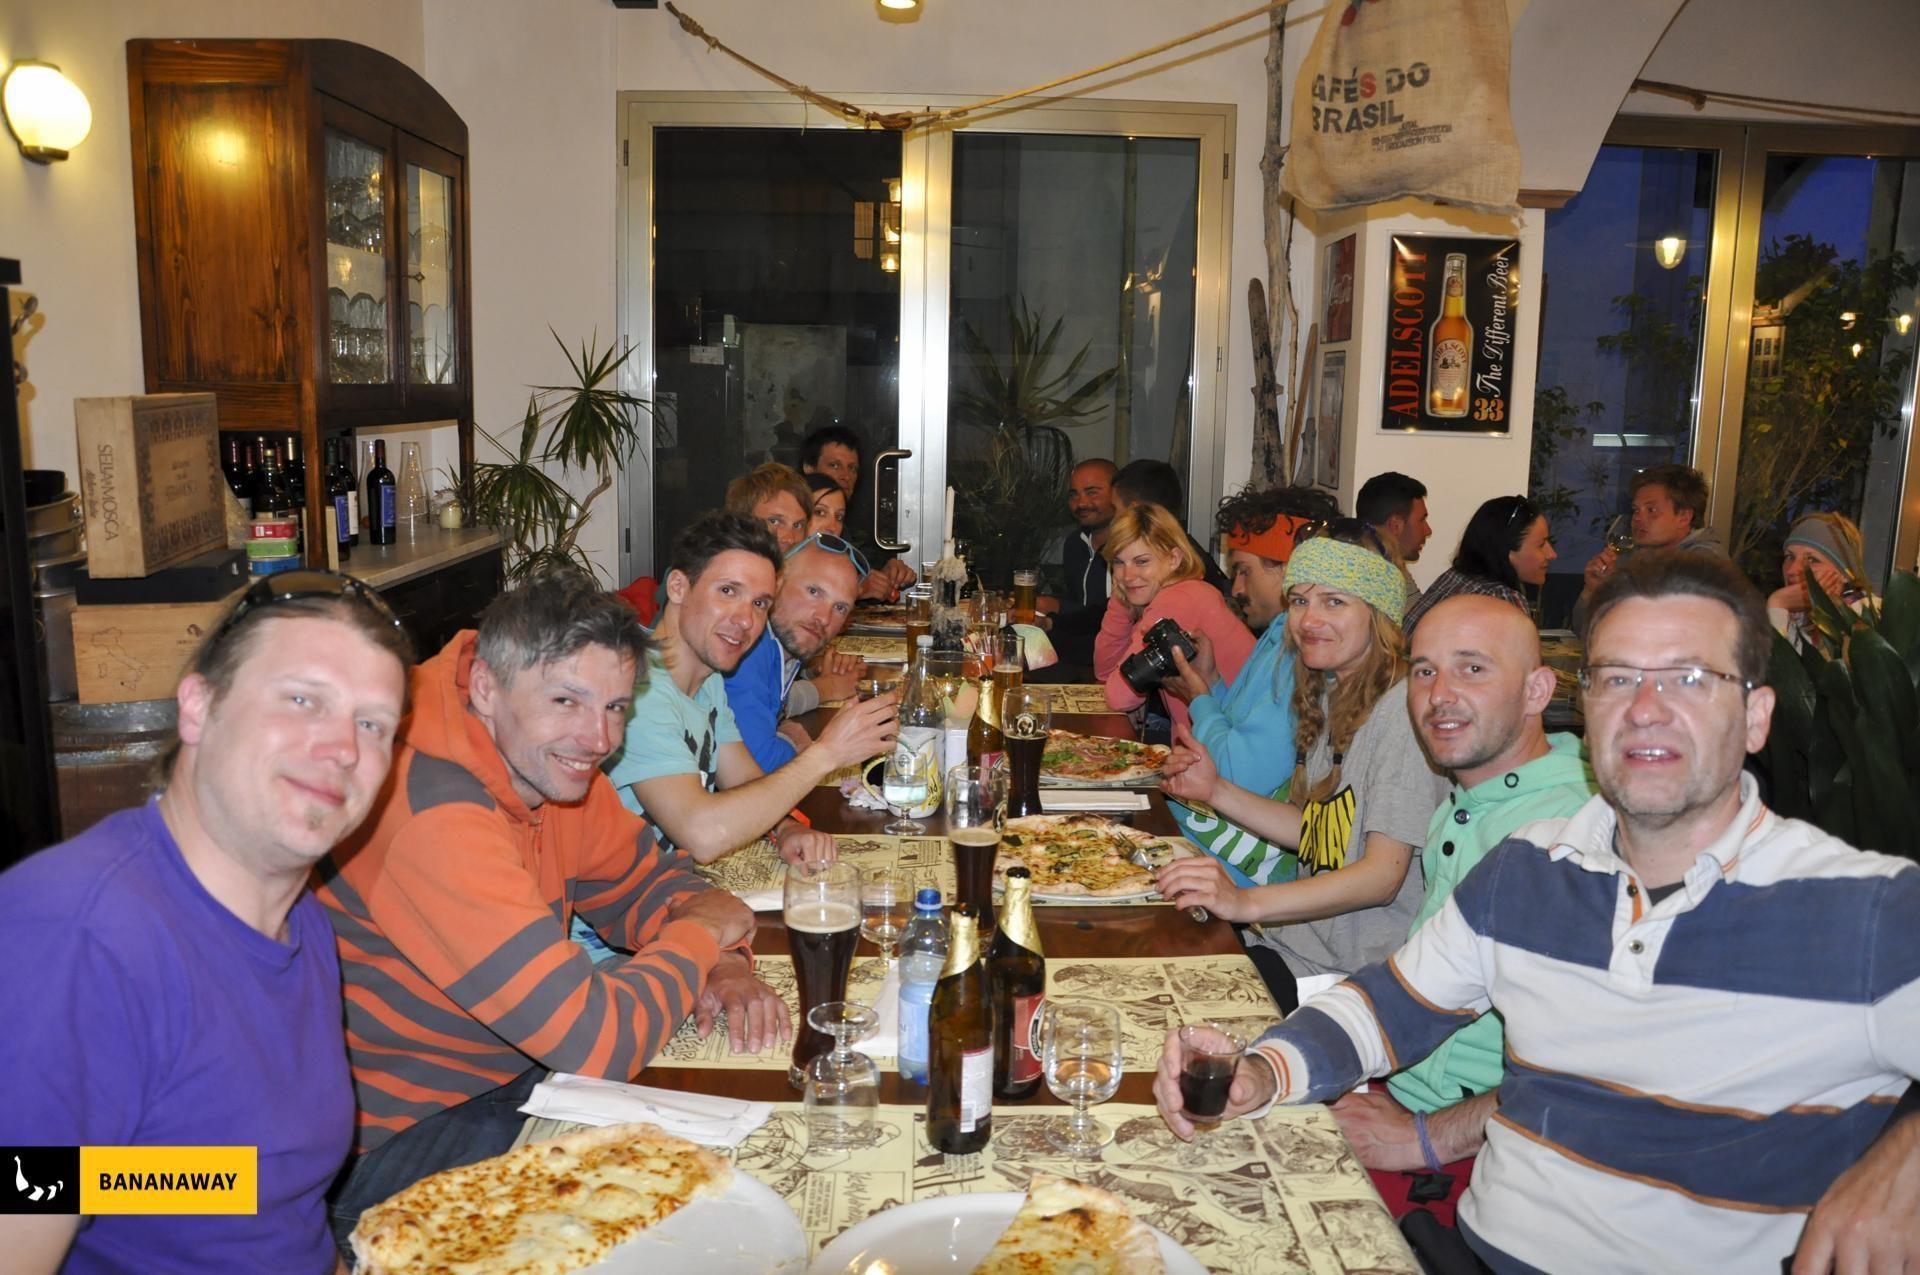 skupne večerje | kajt potovanje Sardinija